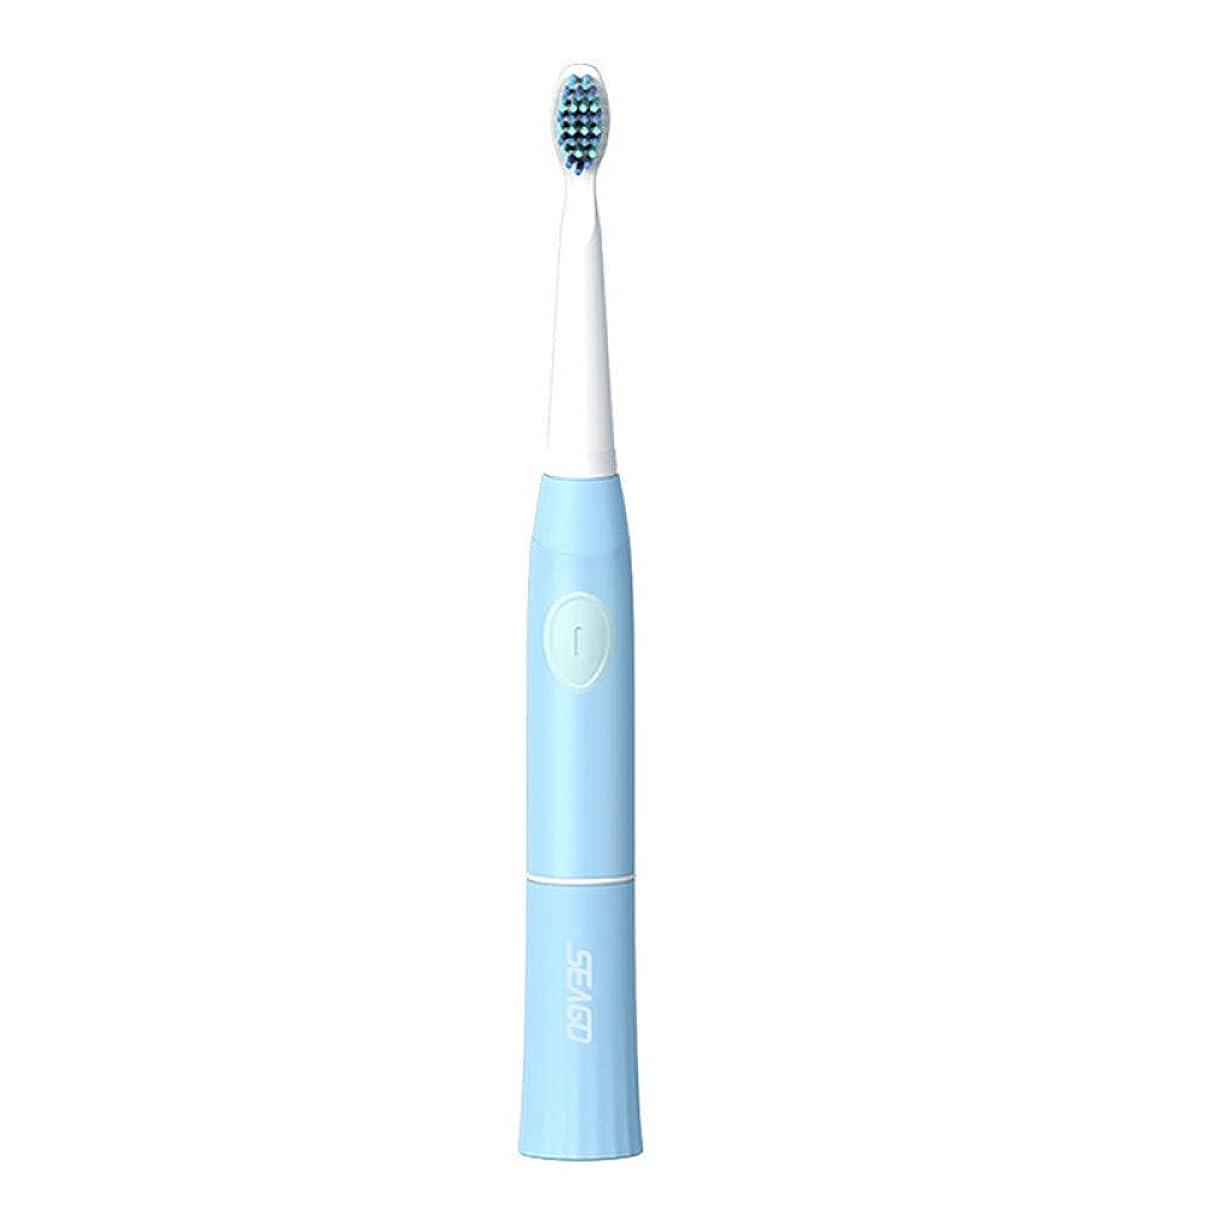 継承送るカビ防水電動歯ブラシ充電式電子歯ブラシソニックヘッド大人タイマー歯ブラシ、ブルー